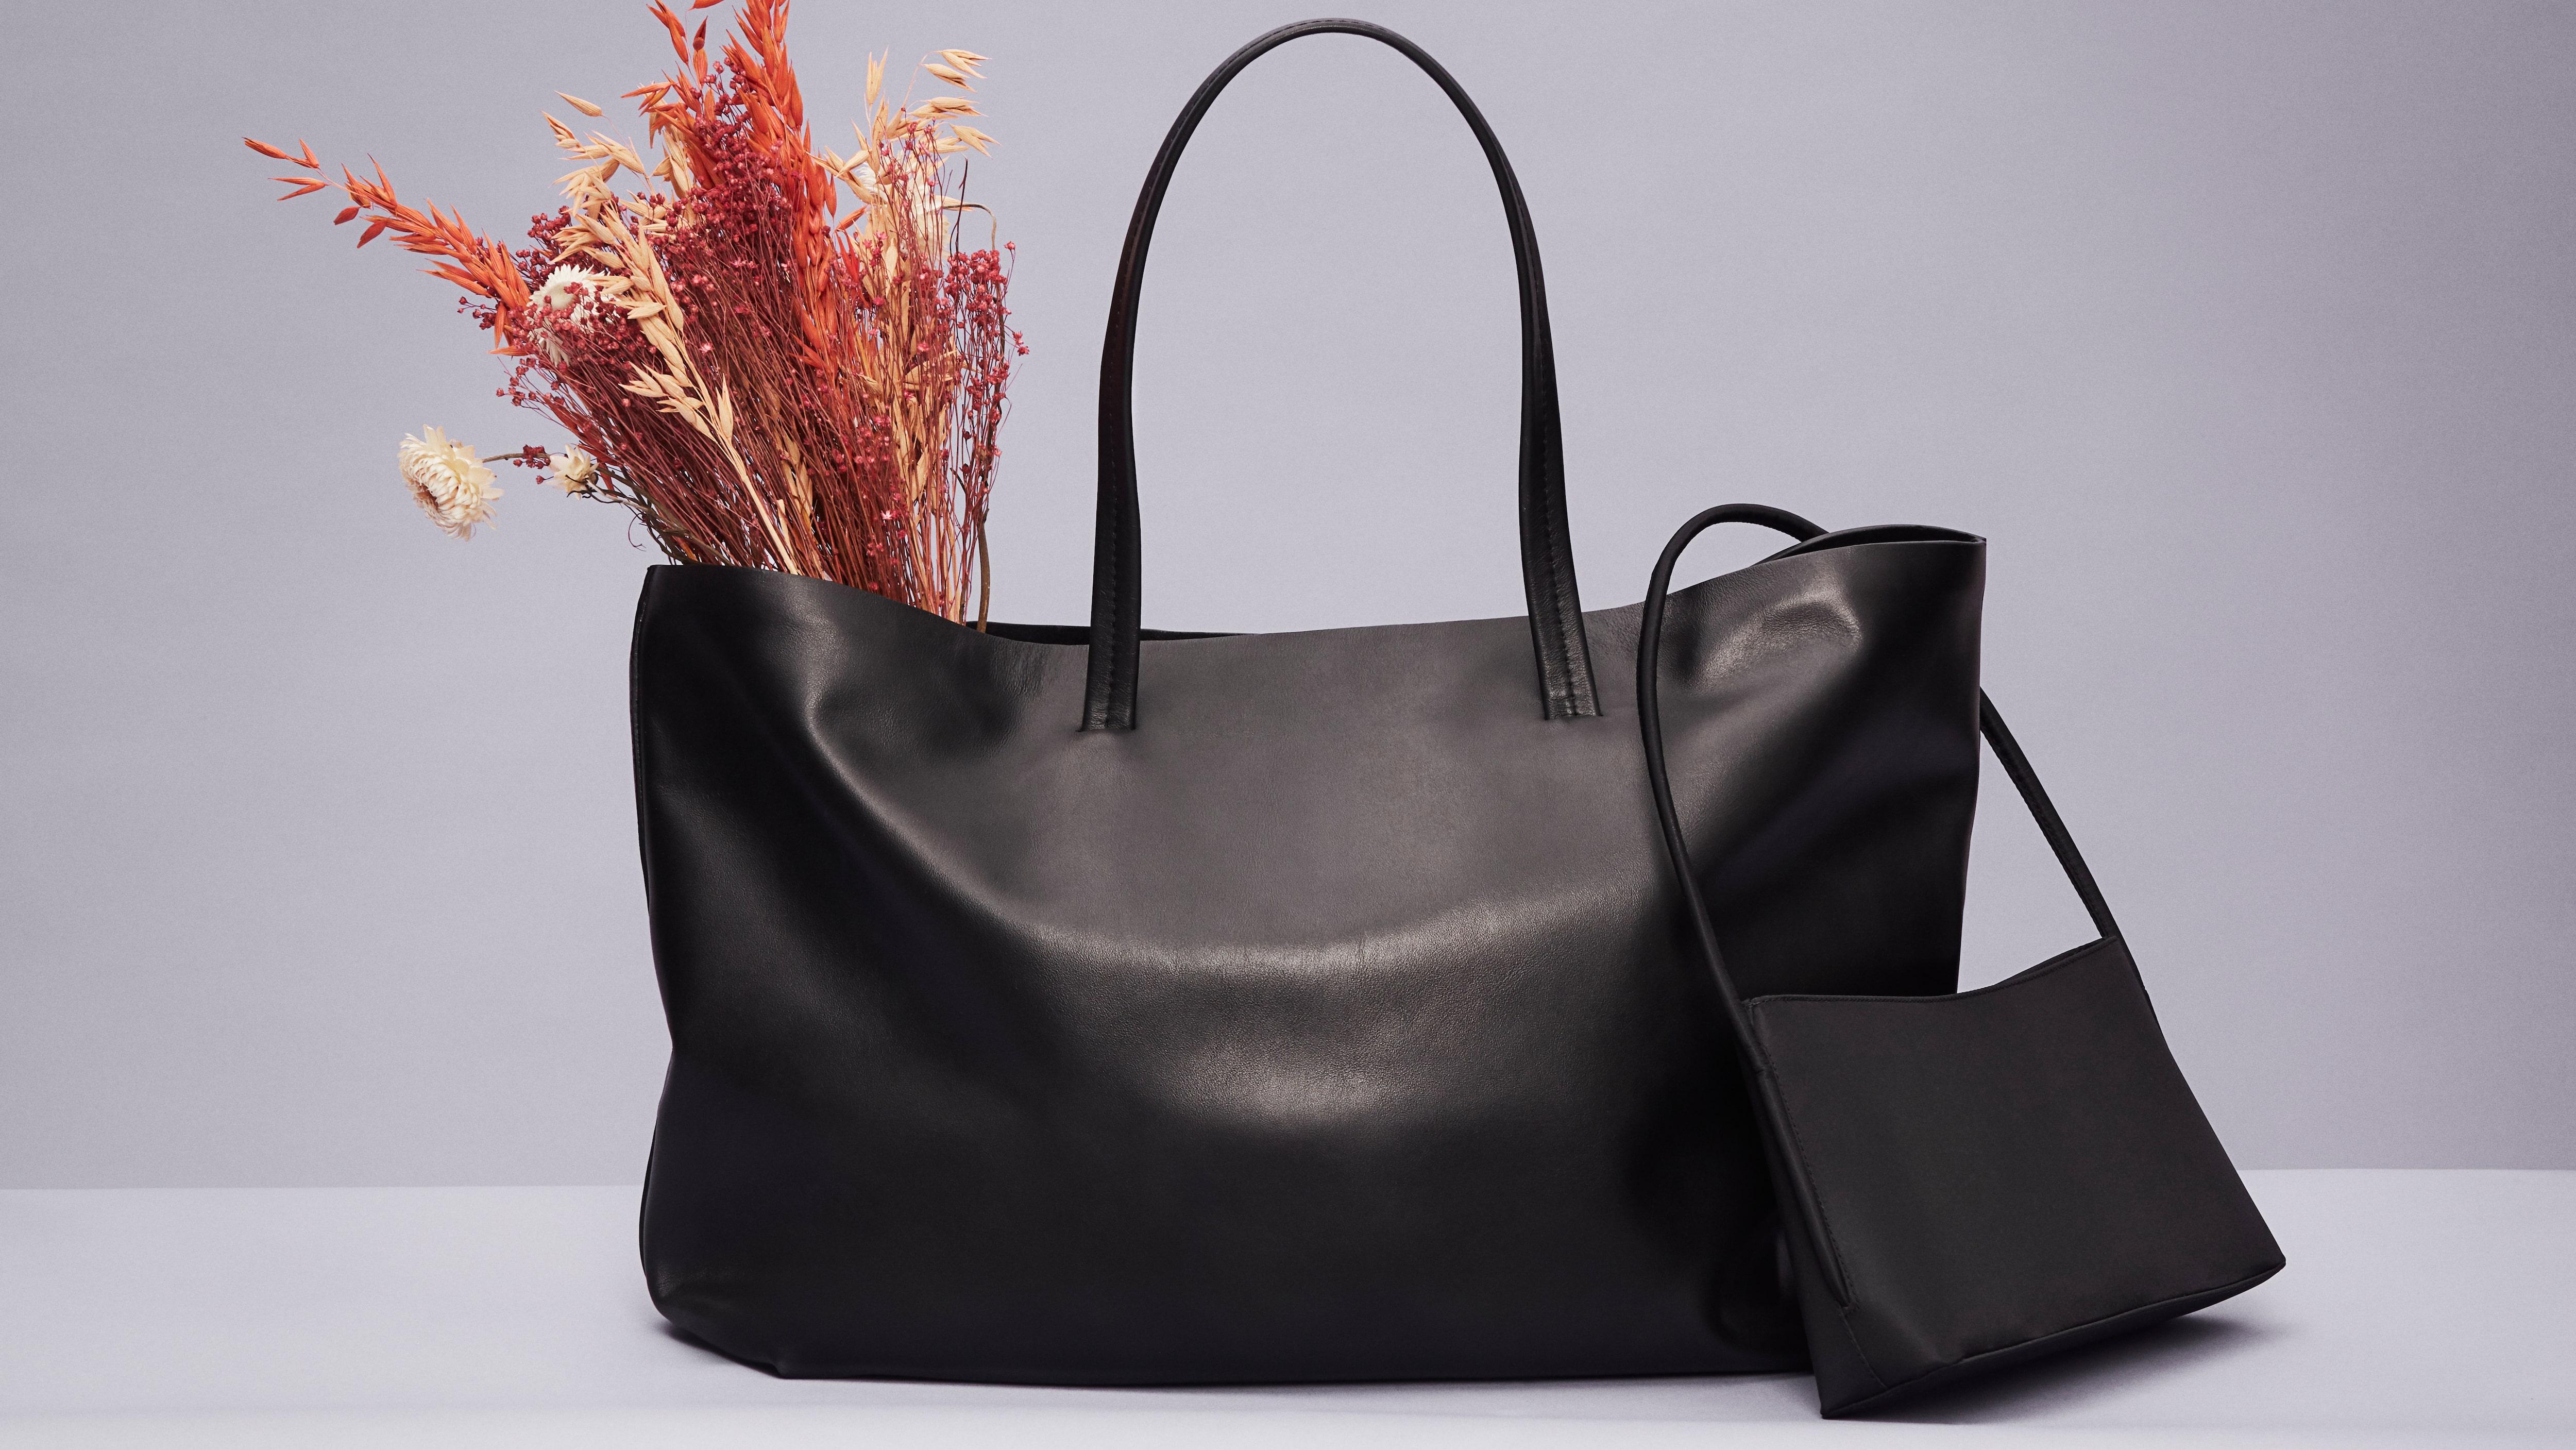 5 klassiska snygga väskor som passar i basgarderoben